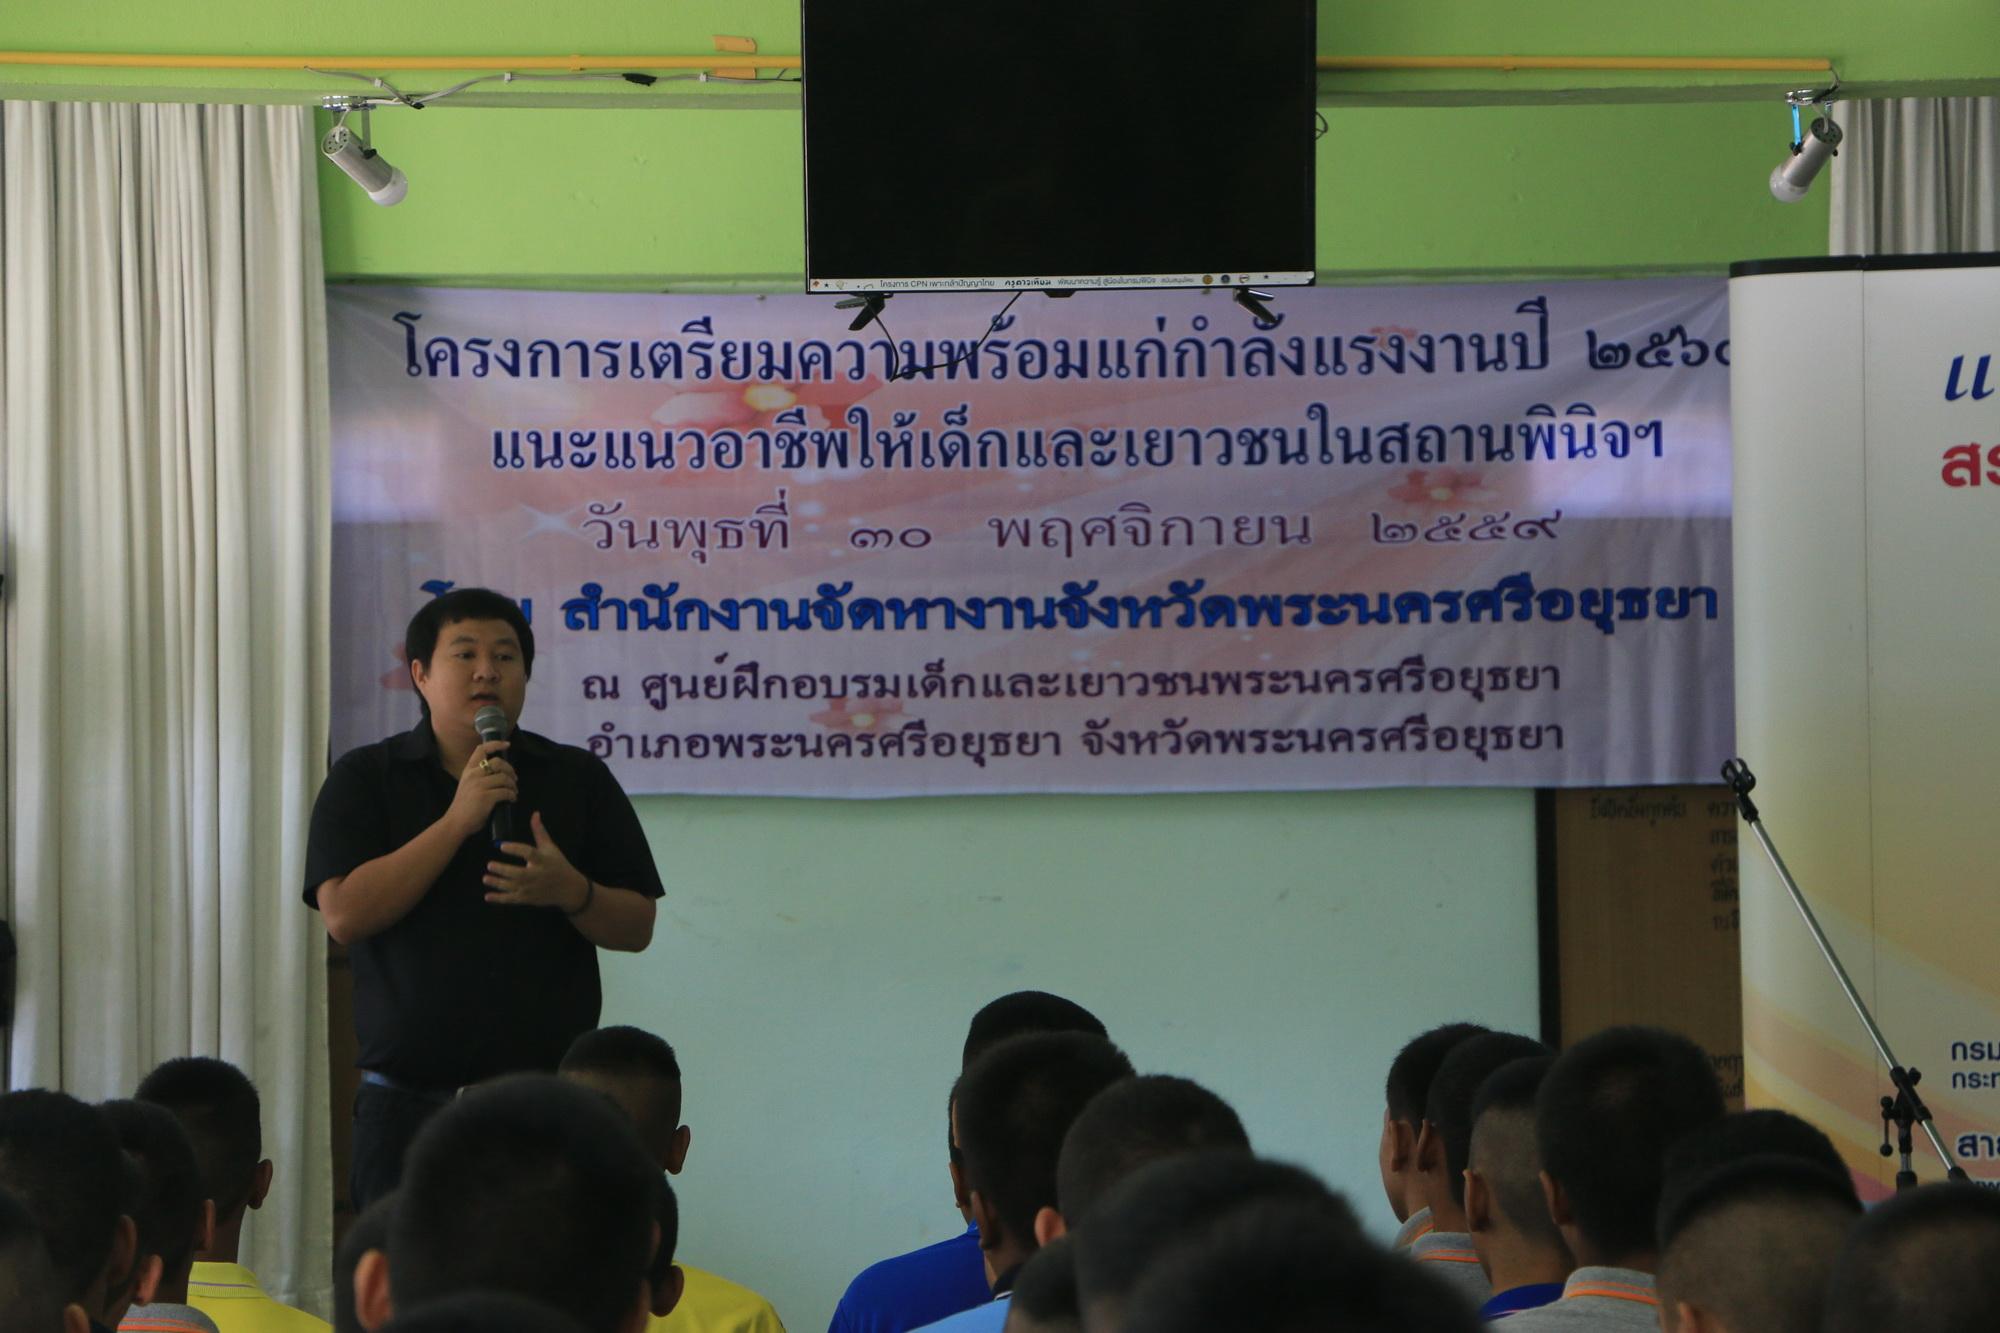 โครงการเตรียมความพร้อมแก่กำลังแรงงาน ปี 2560  แนะแนวอาชีพให้เด็กและเยาวชนในสถานพินิจฯ